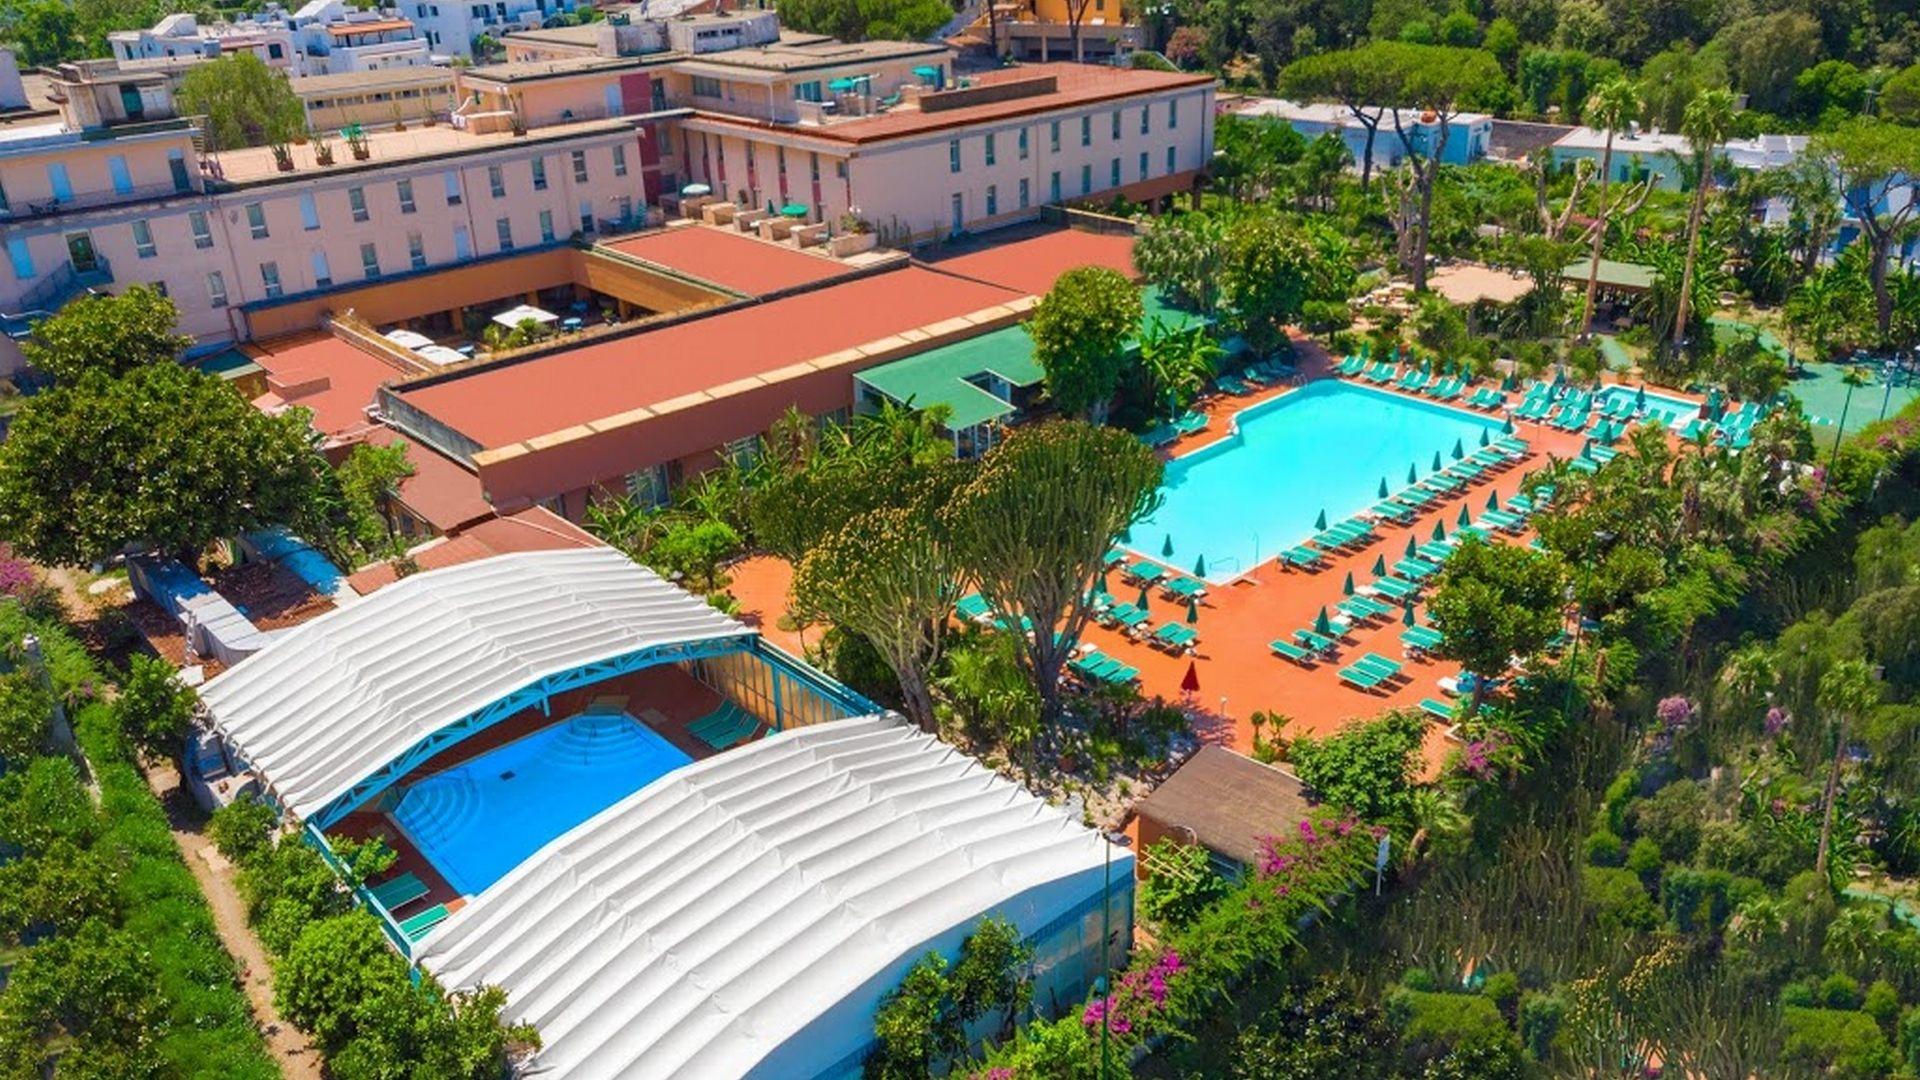 Grand Hotel Delle Terme Re Ferdinando Ischia Campania